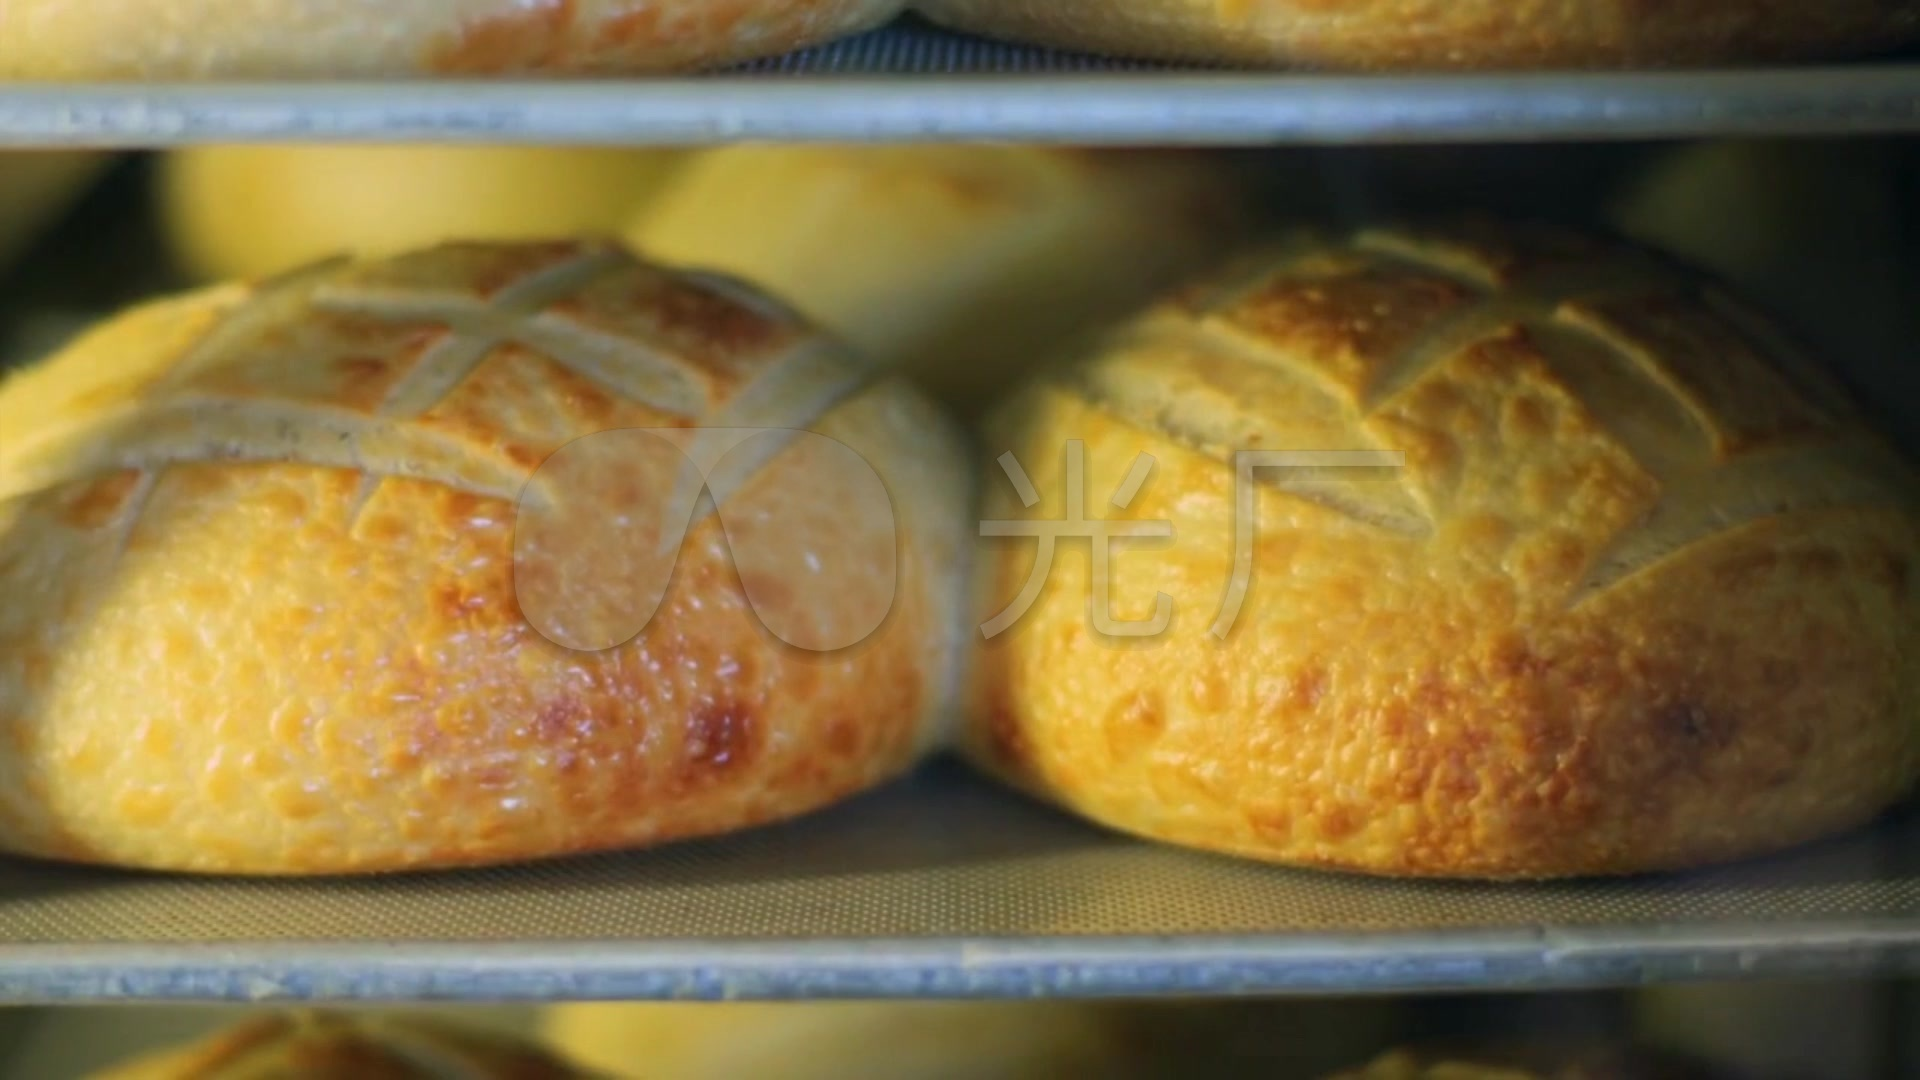 砂锅摄影生产宣传片_面包房烘培延时制作_19视频面包店